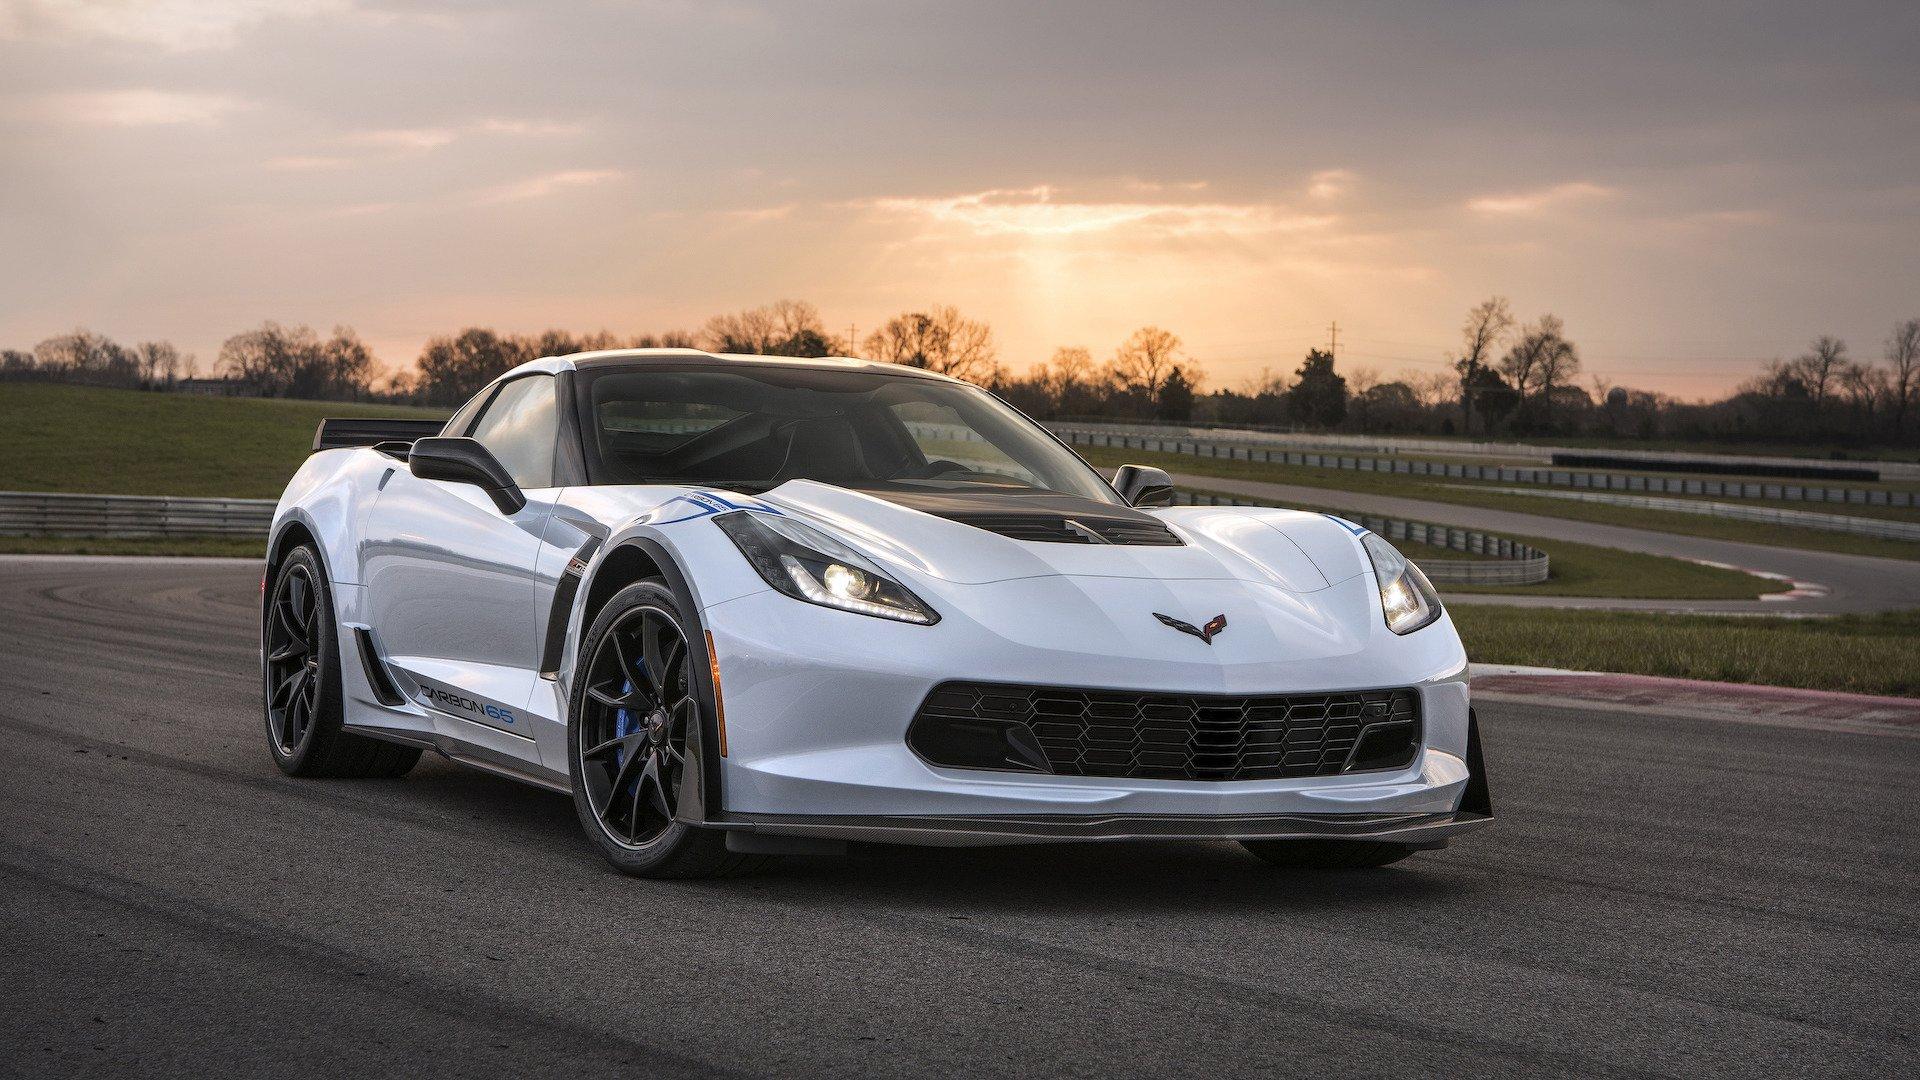 Corvette Carbon 65 Edition